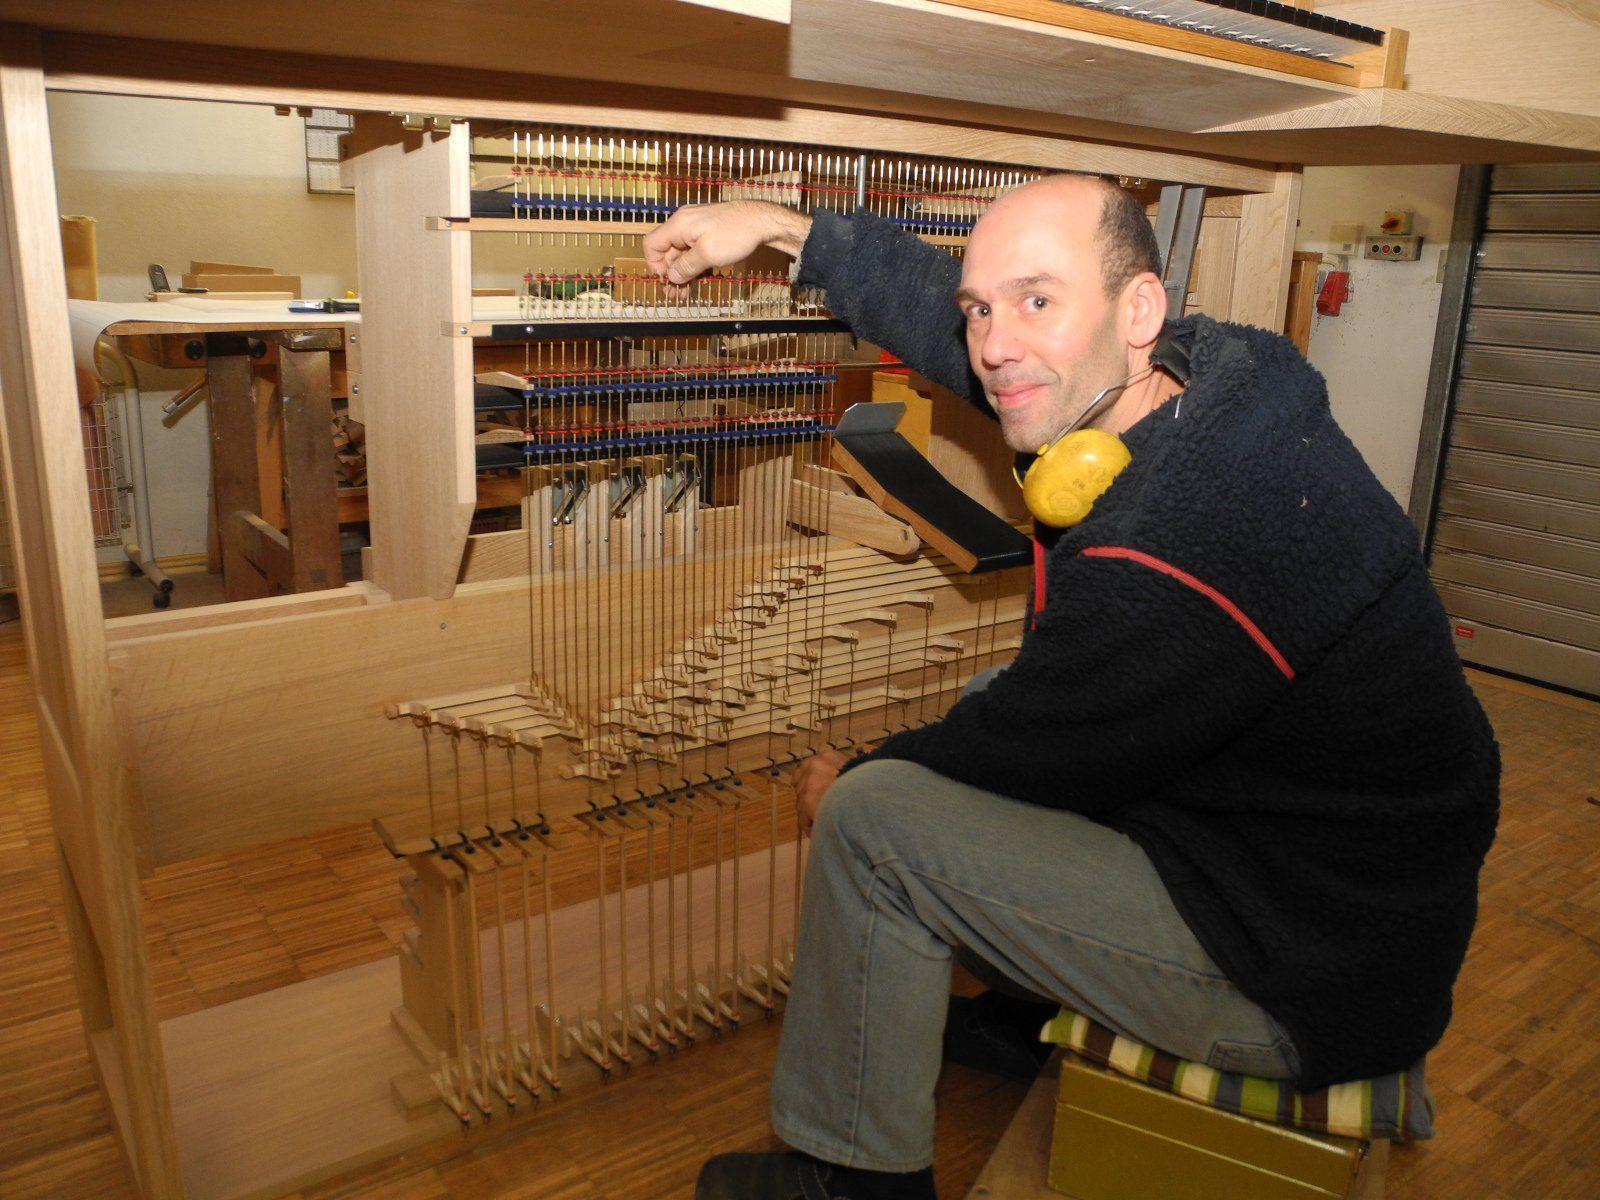 Orgelbaumeister und Geschäftsführer Hans-Jörg Pflüger bei der Montage des Spieltisches für die Gisinger Orgel